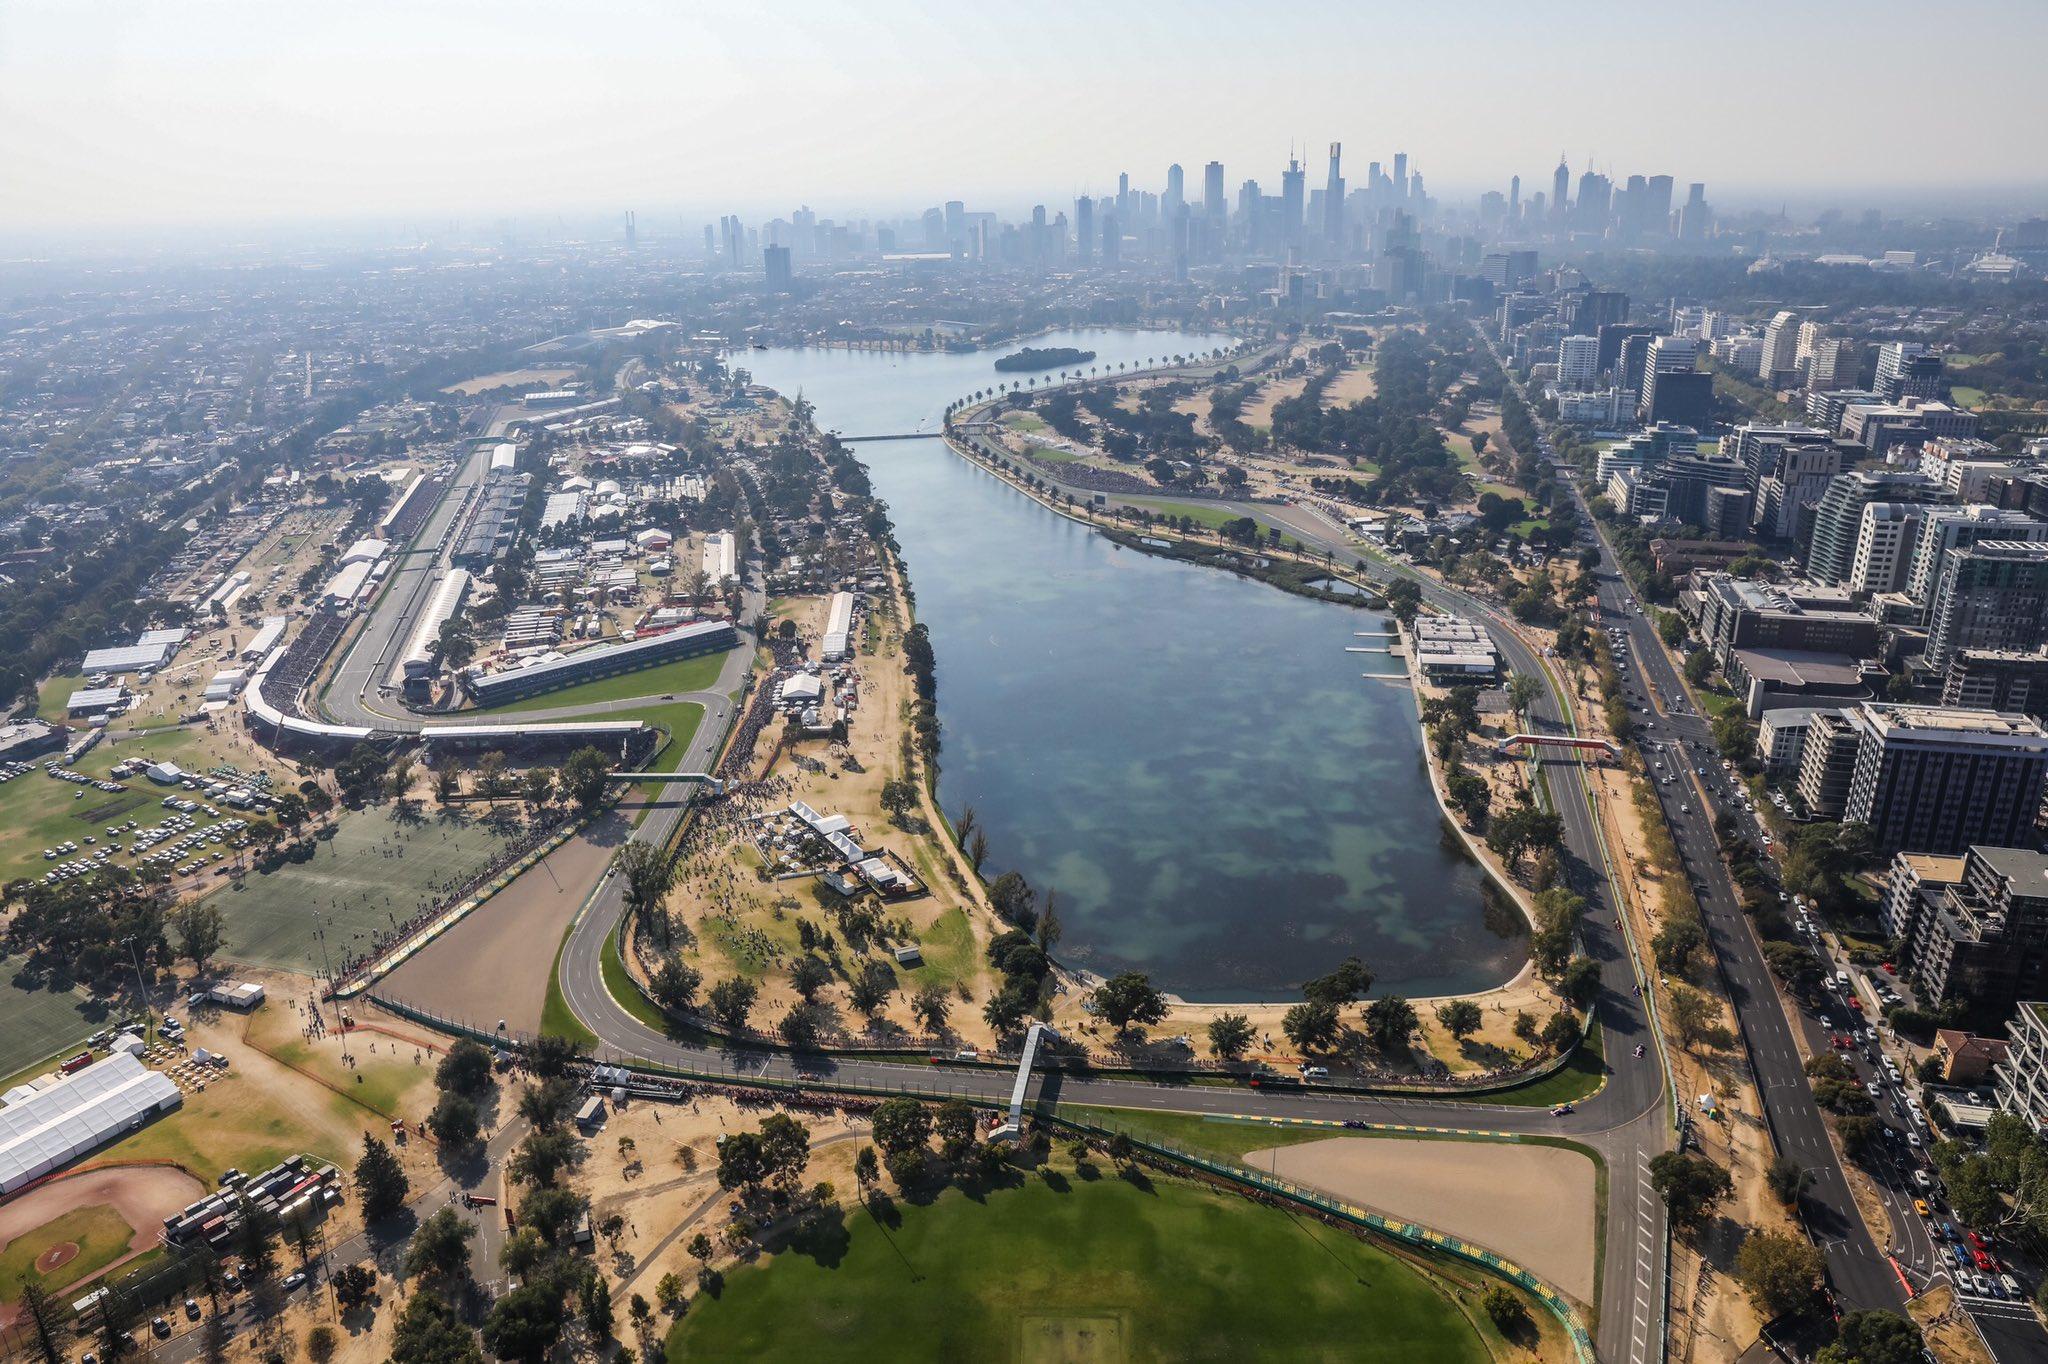 Calendario F1 2021 Panoramica dell'Albert Park, che ospiterà il primo GP del 2021